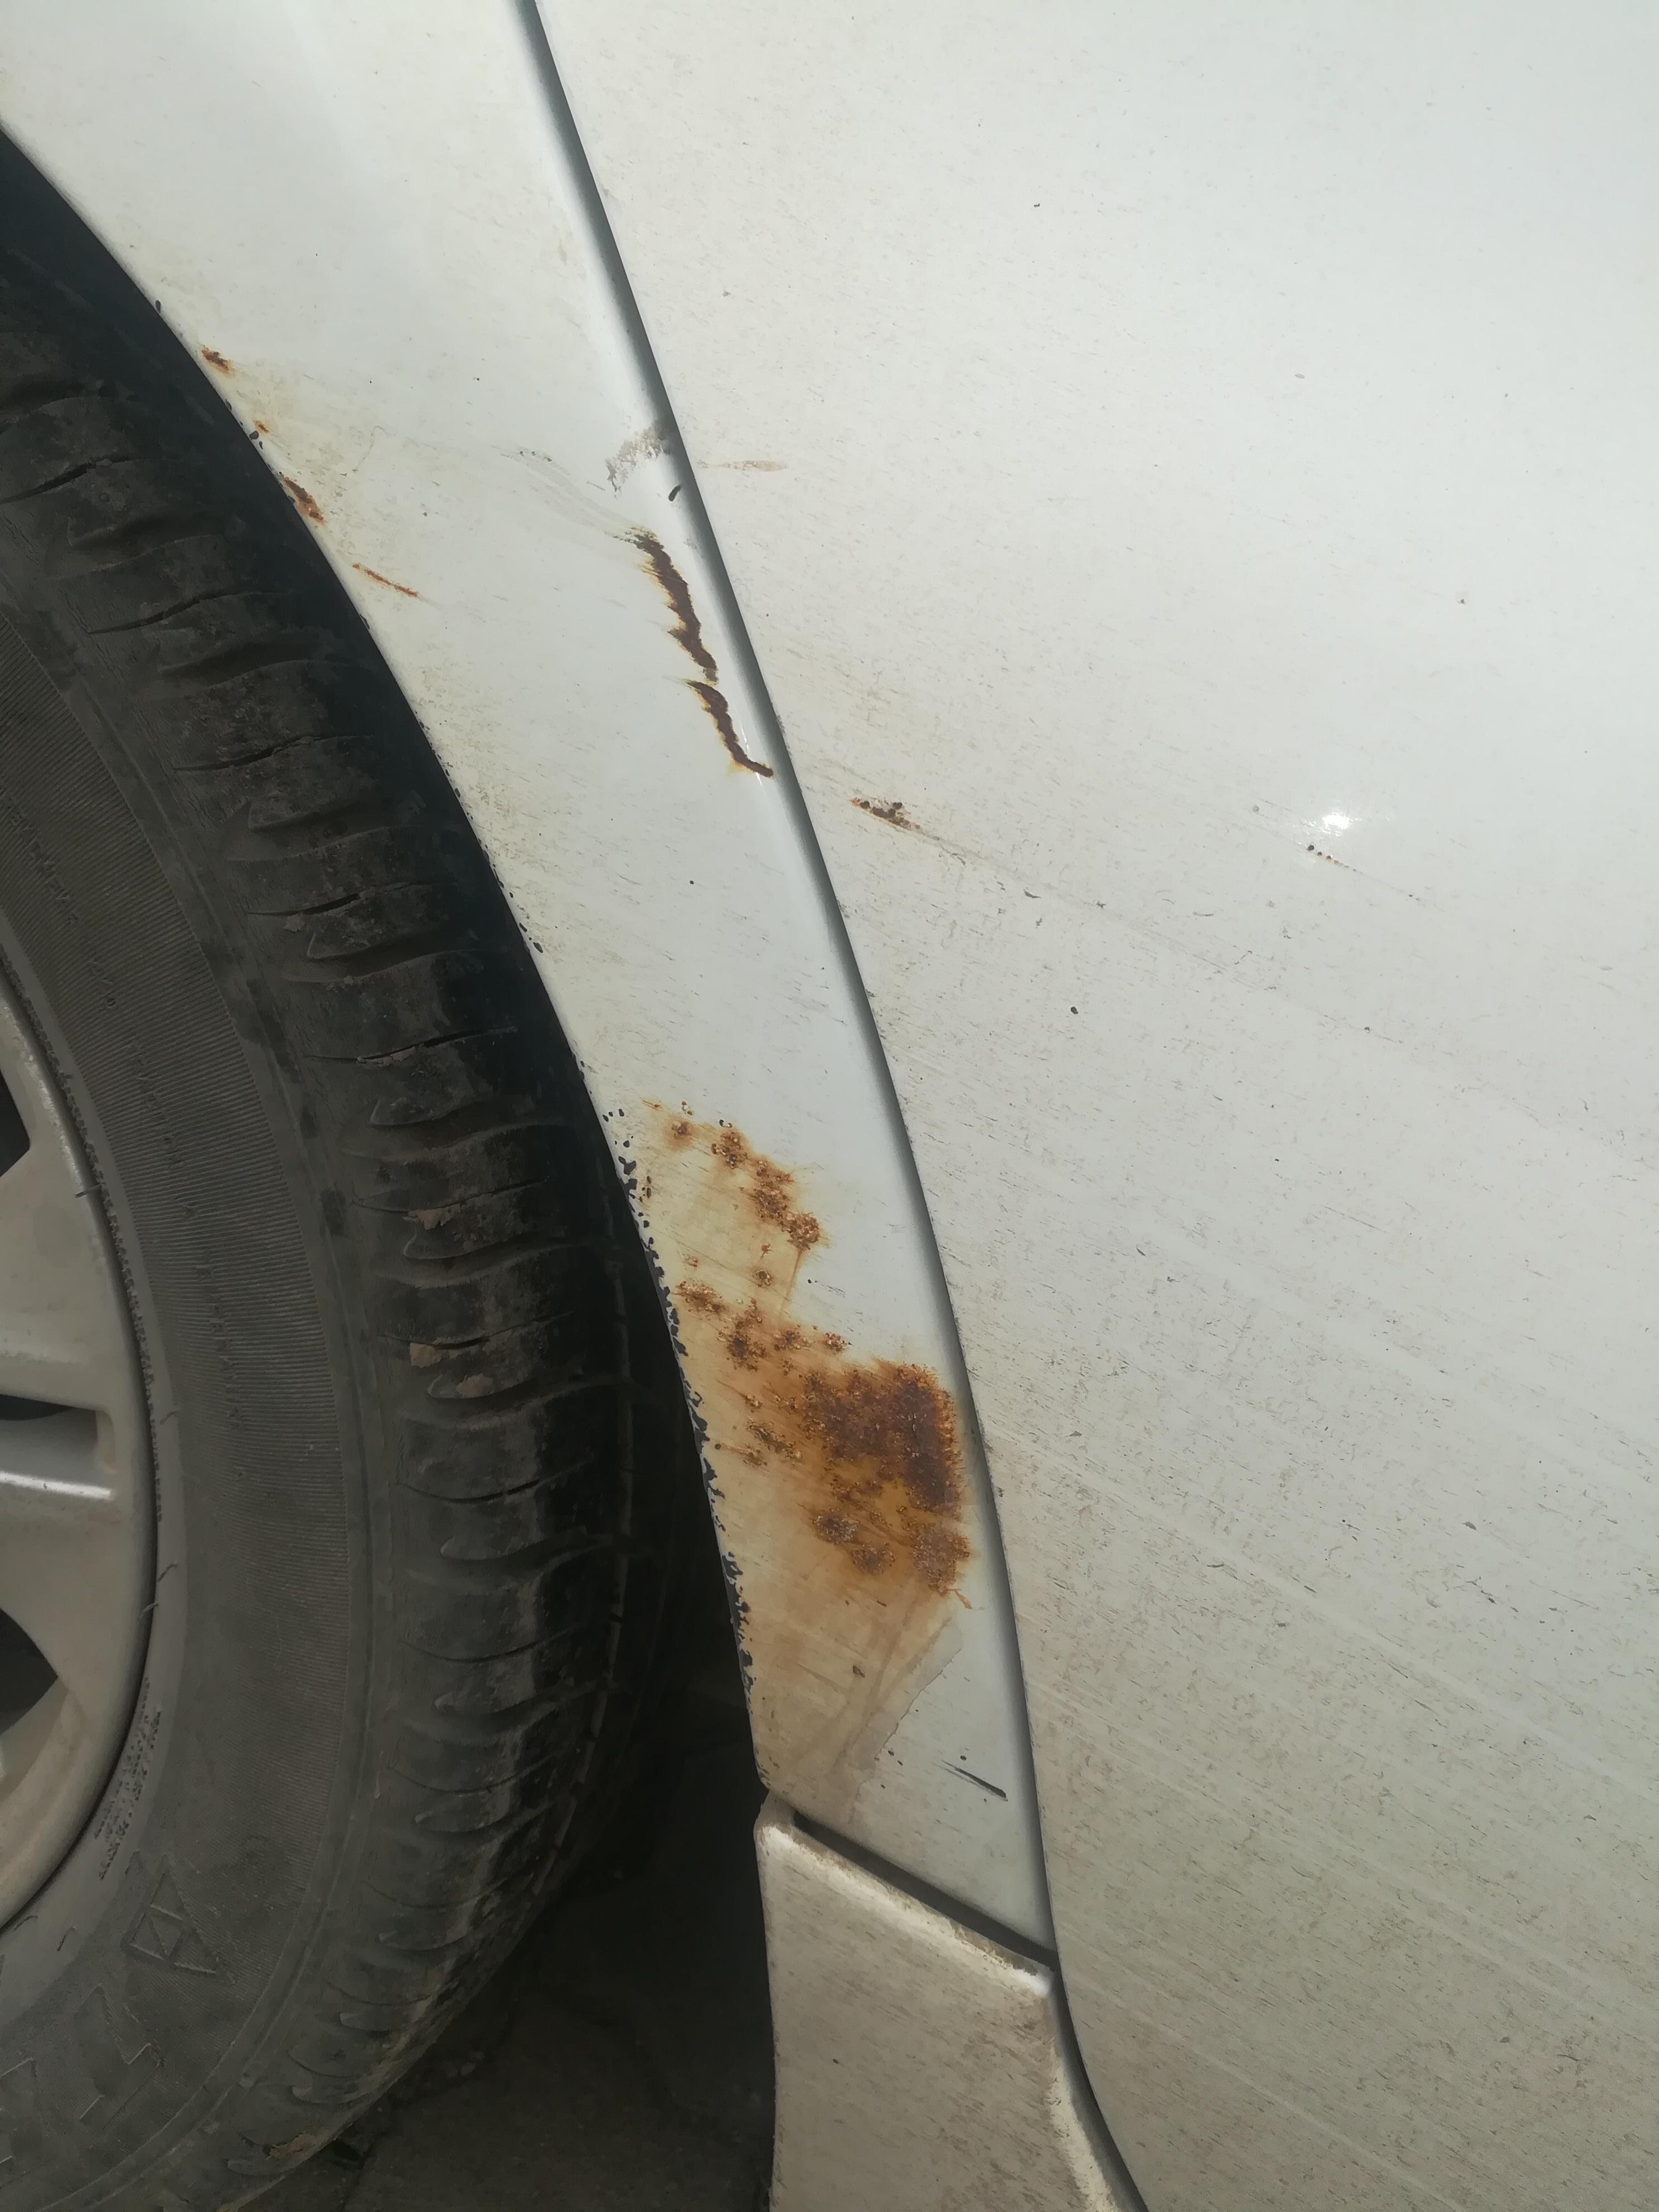 吉利汽车-自由舰 车身腐蚀严重